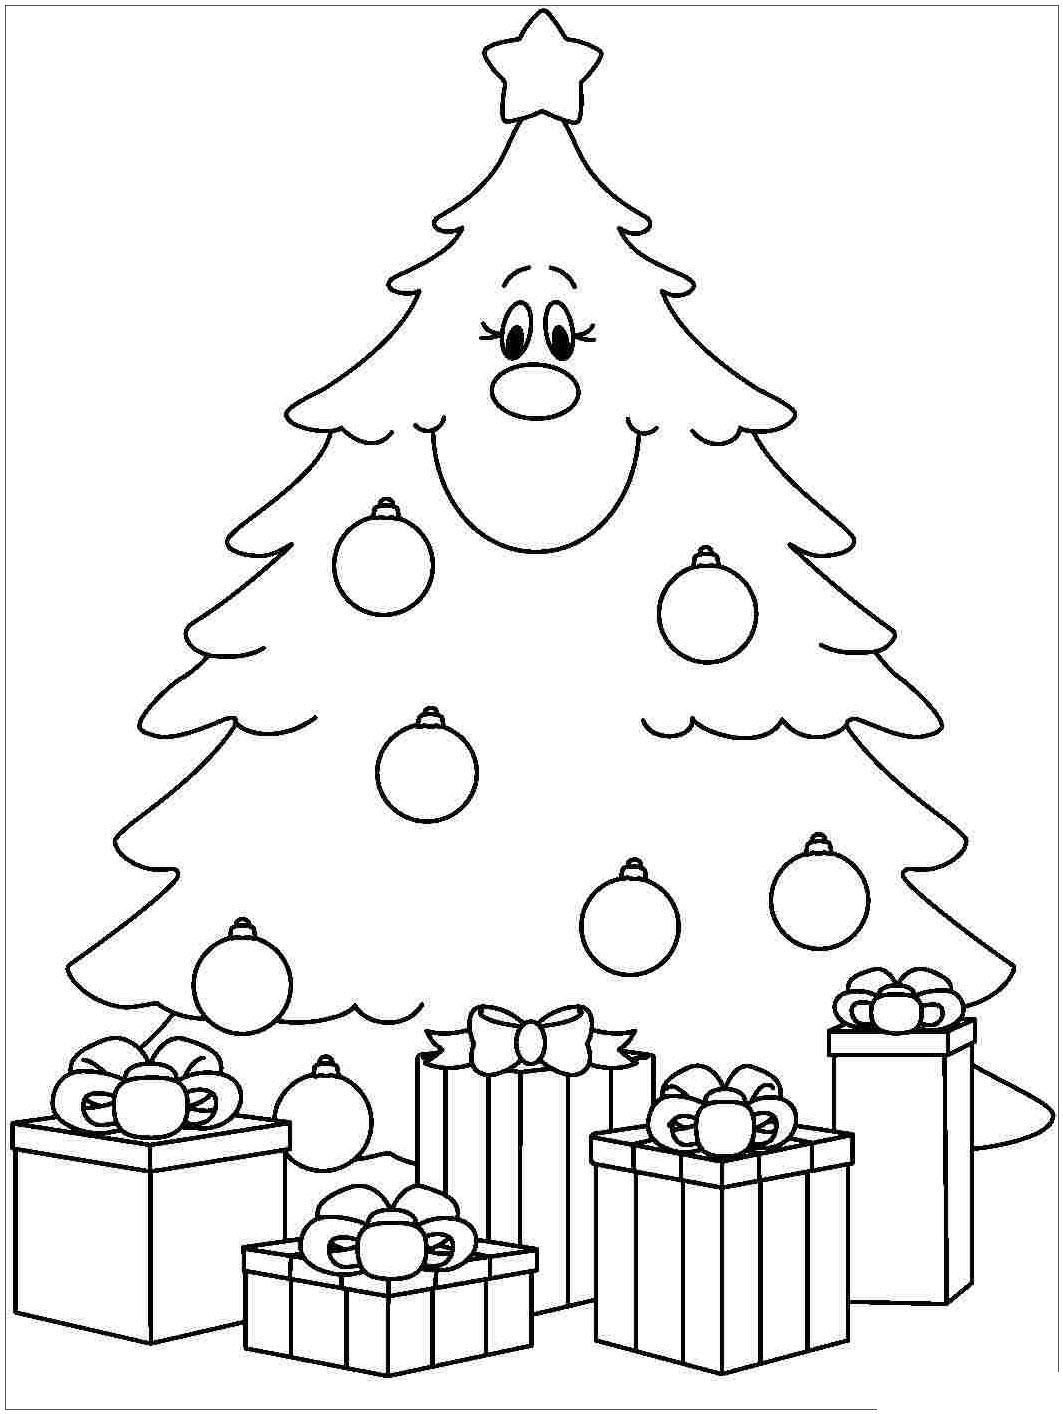 Tranh tô màu cây thông Noel và những hộp quà